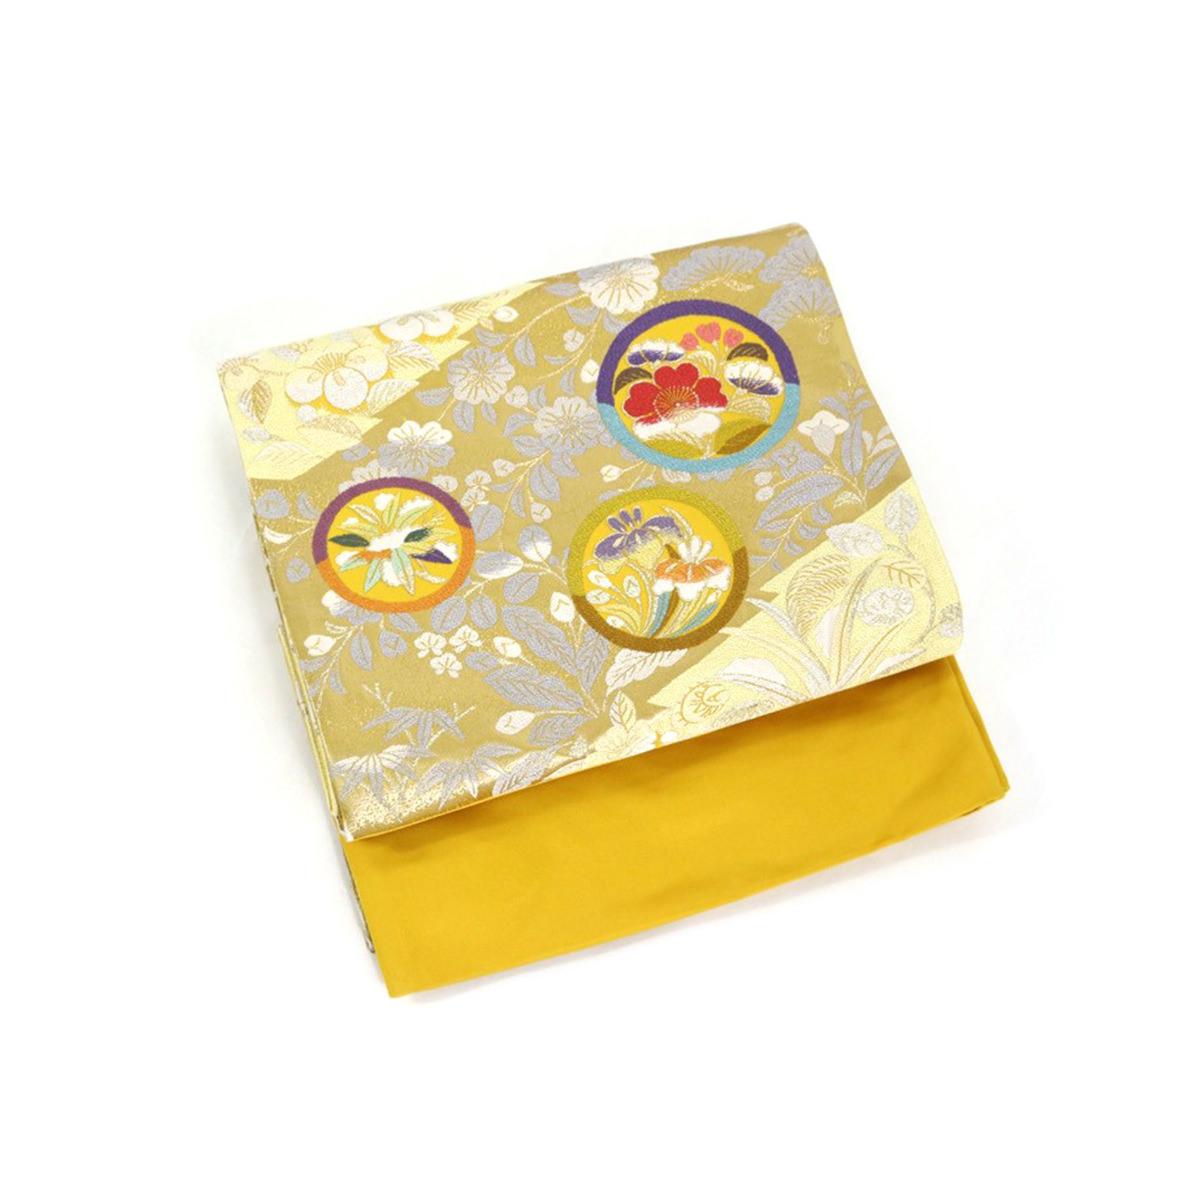 着物屋 訳あり 西陣袋帯 正絹 証紙番号486 ヤマキ織物謹製 お仕立て代サービス フォーマル セミフォーマル 女物 女性 婦人物 レディース 日本製 結婚式 成人式 正月 祝い事 礼装 トッカ 黄 金